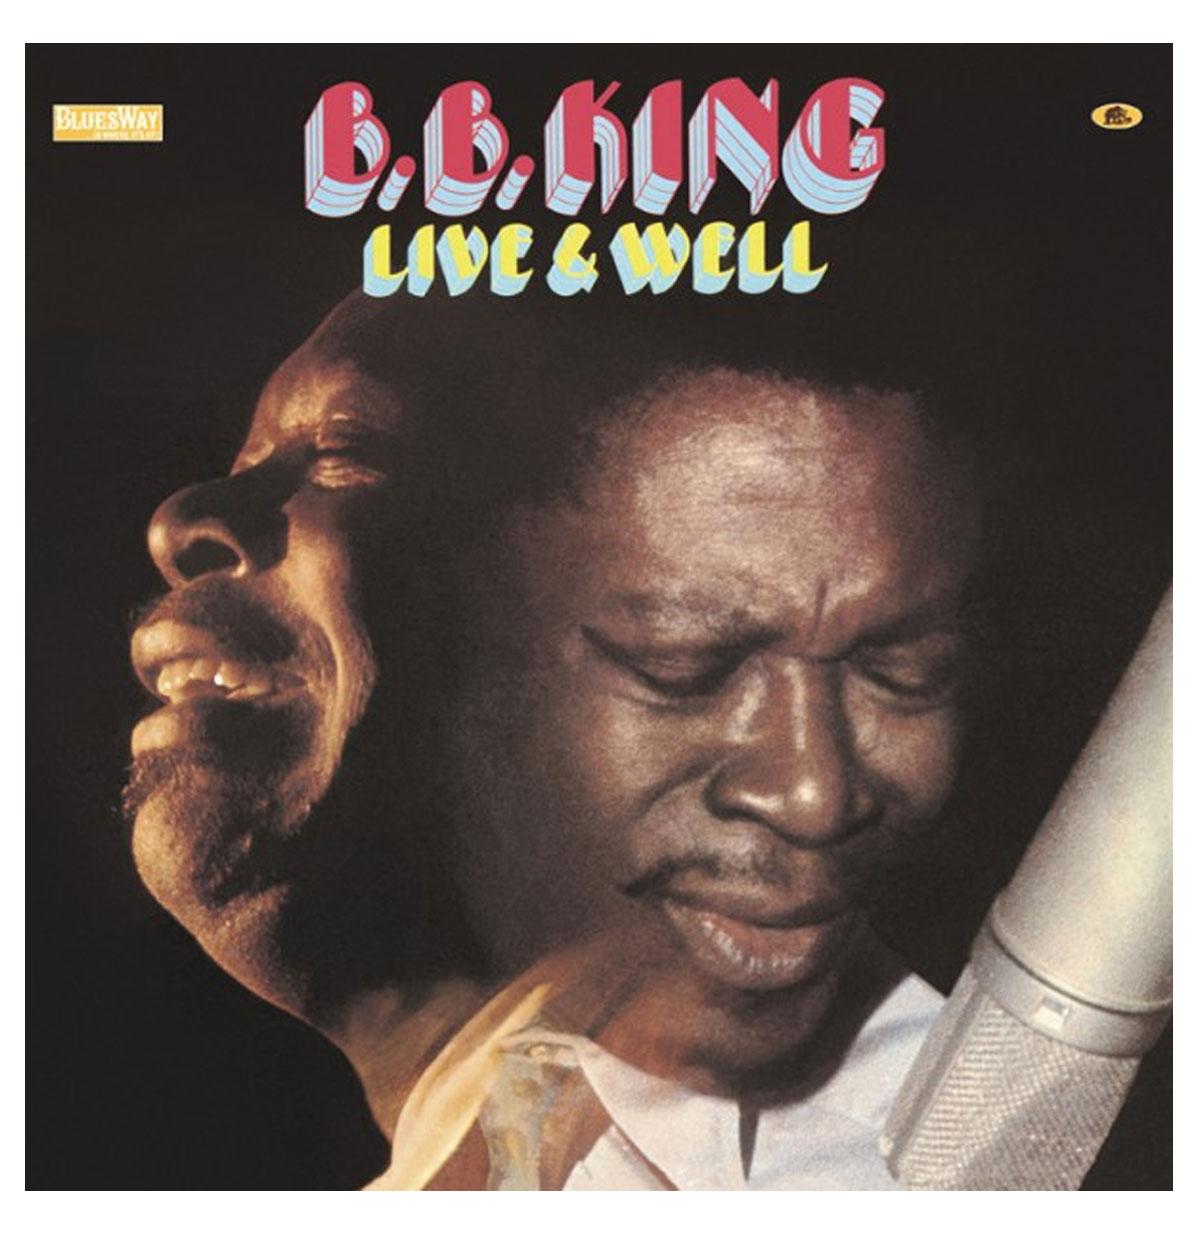 B.B. King - Live & Well LP